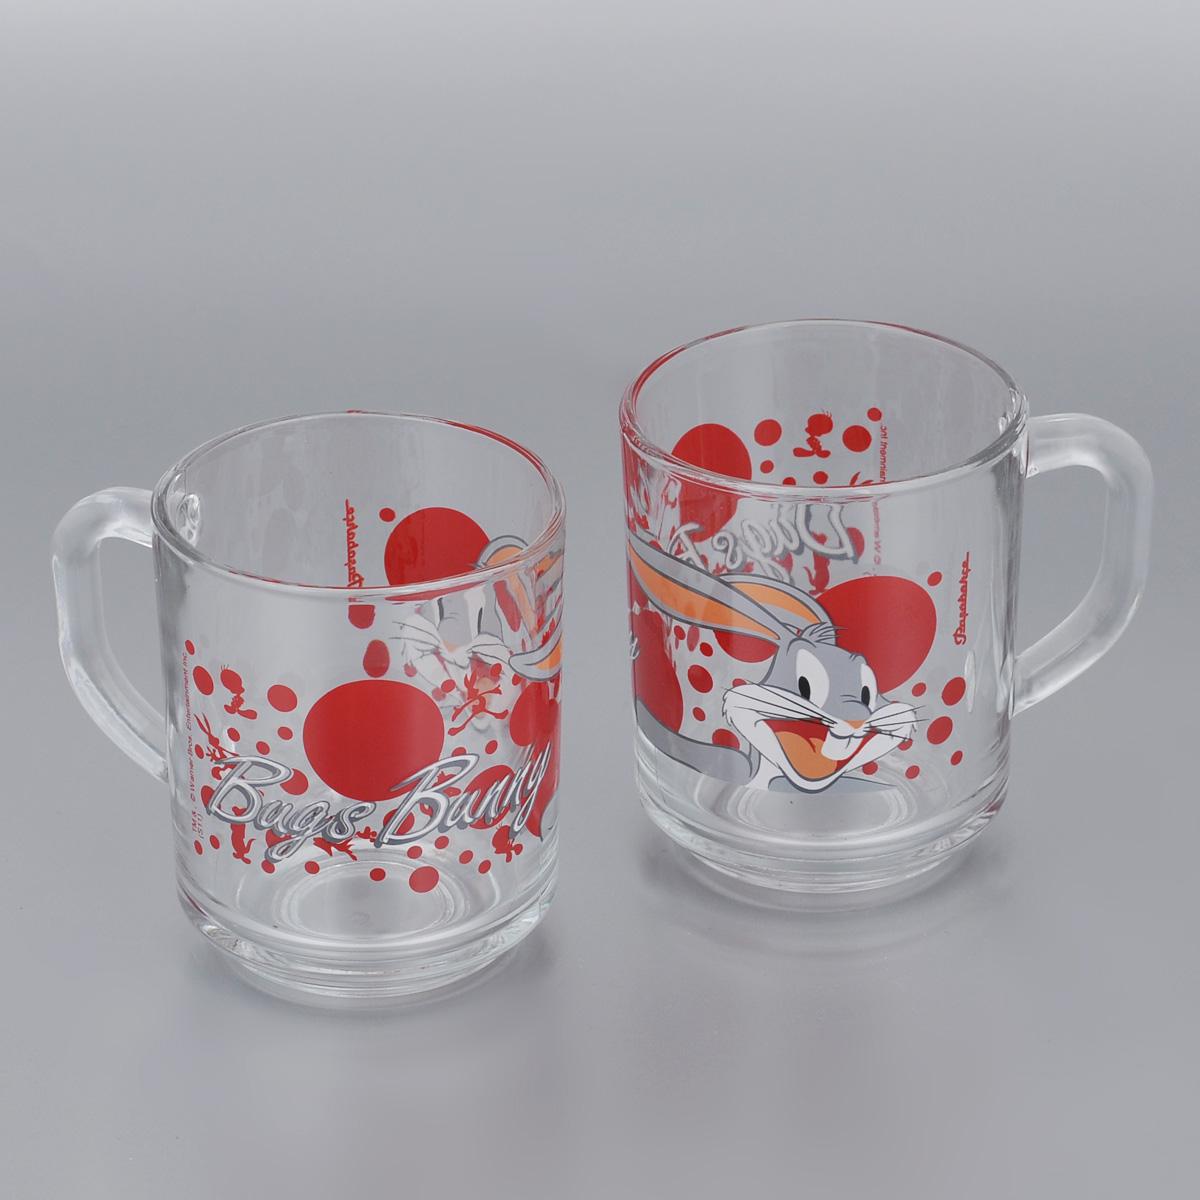 Набор кружек Pasabahce Bugs Bunny, 250 мл, 2 шт55029B/D9Набор Pasabahce Bugs Bunny состоит из двух кружек с удобными ручками, выполненных из прочного натрий-кальций-силикатного стекла. Кружки декорированы изображением Диснеевского героя - Багза Банни. Изделия хорошо удерживают тепло, не нагреваются. На них не выгорает и не вымывается рисунок. Теперь заставить вашего малыша сесть поесть будет очень просто. Посуда Pasabahce будет радовать детей яркими и интересными рисунками, а родителей качеством изготовления. Не рекомендуется мыть в посудомоечных машинах и использовать в микроволновых печах.Диаметр кружки по верхнему краю: 7 см. Высота кружки: 8,5 см. 250 мл